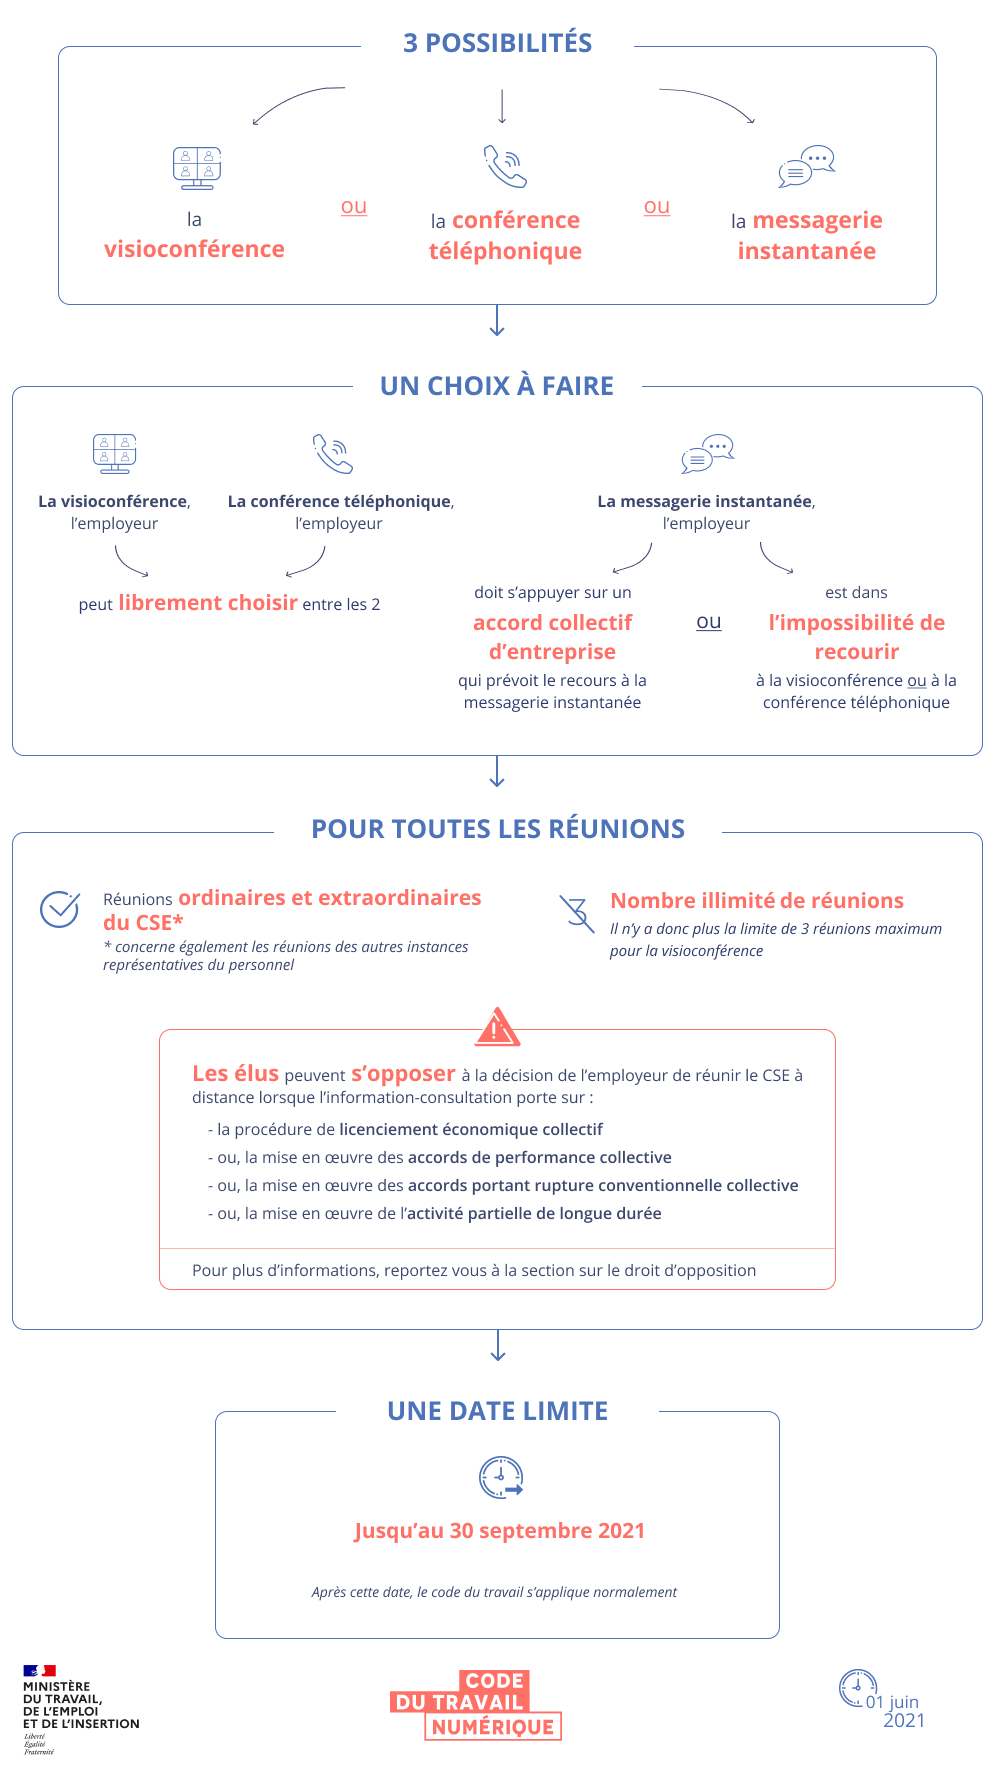 Infographie synthétisant les conditions de réunion du CSE à distance. Une version textuelle est disponible en dessous.